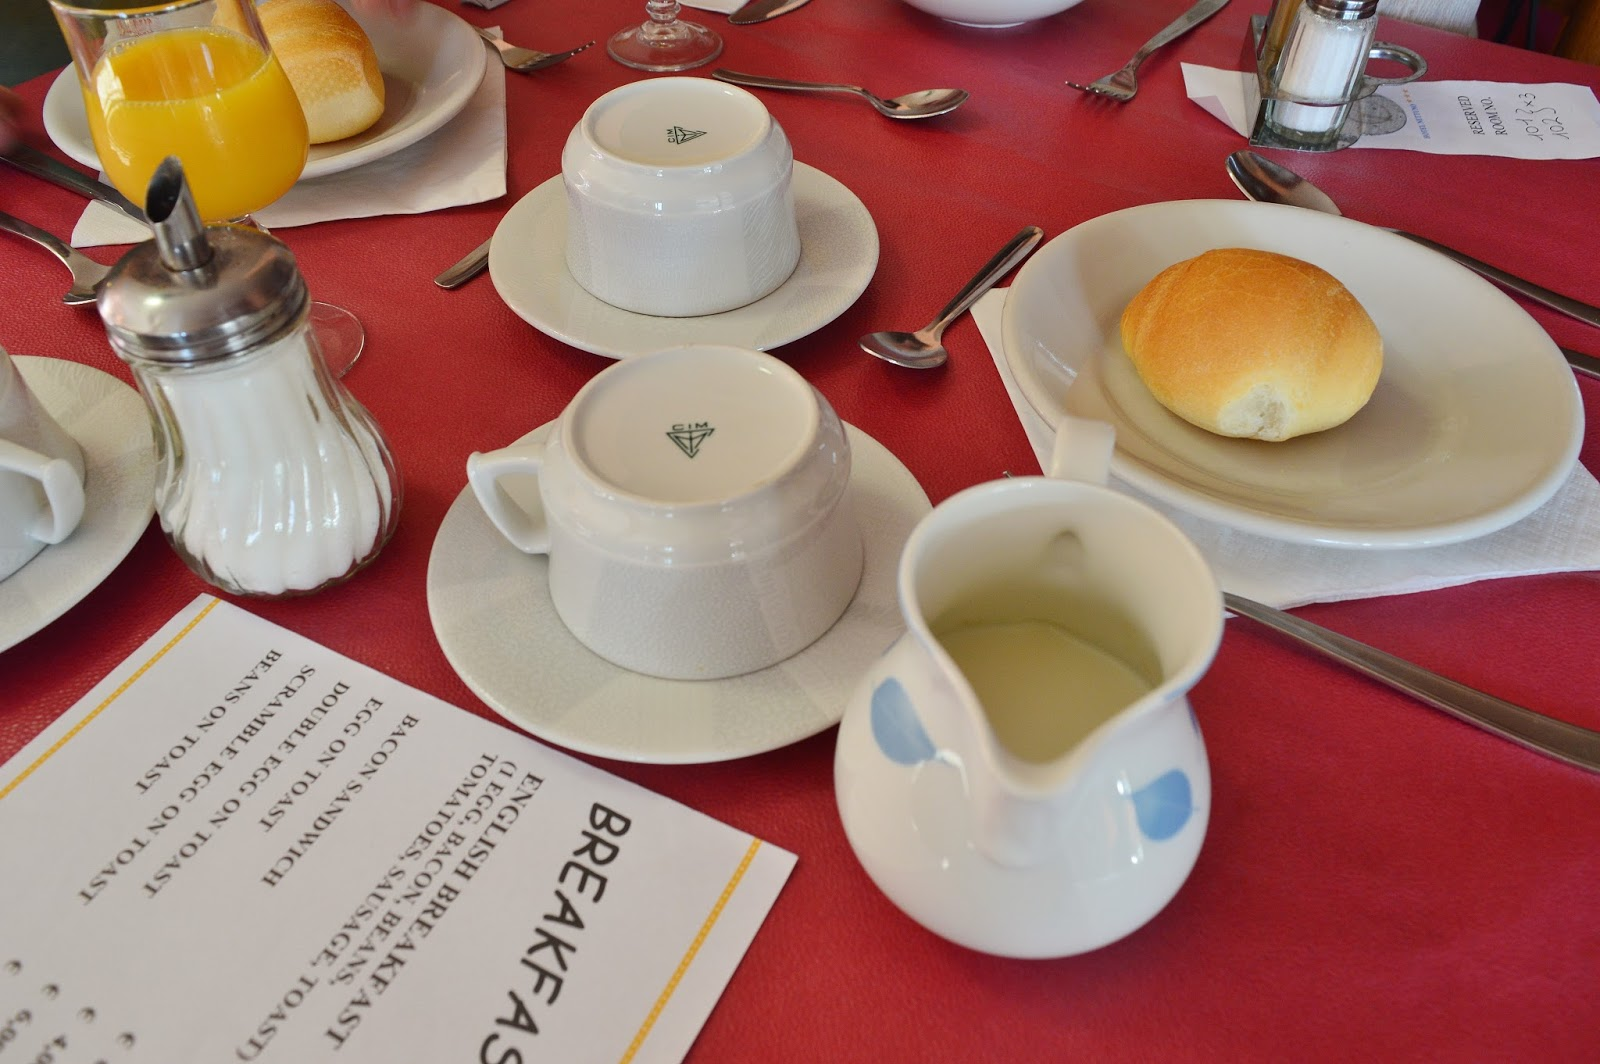 Italian Hotel Breakfast